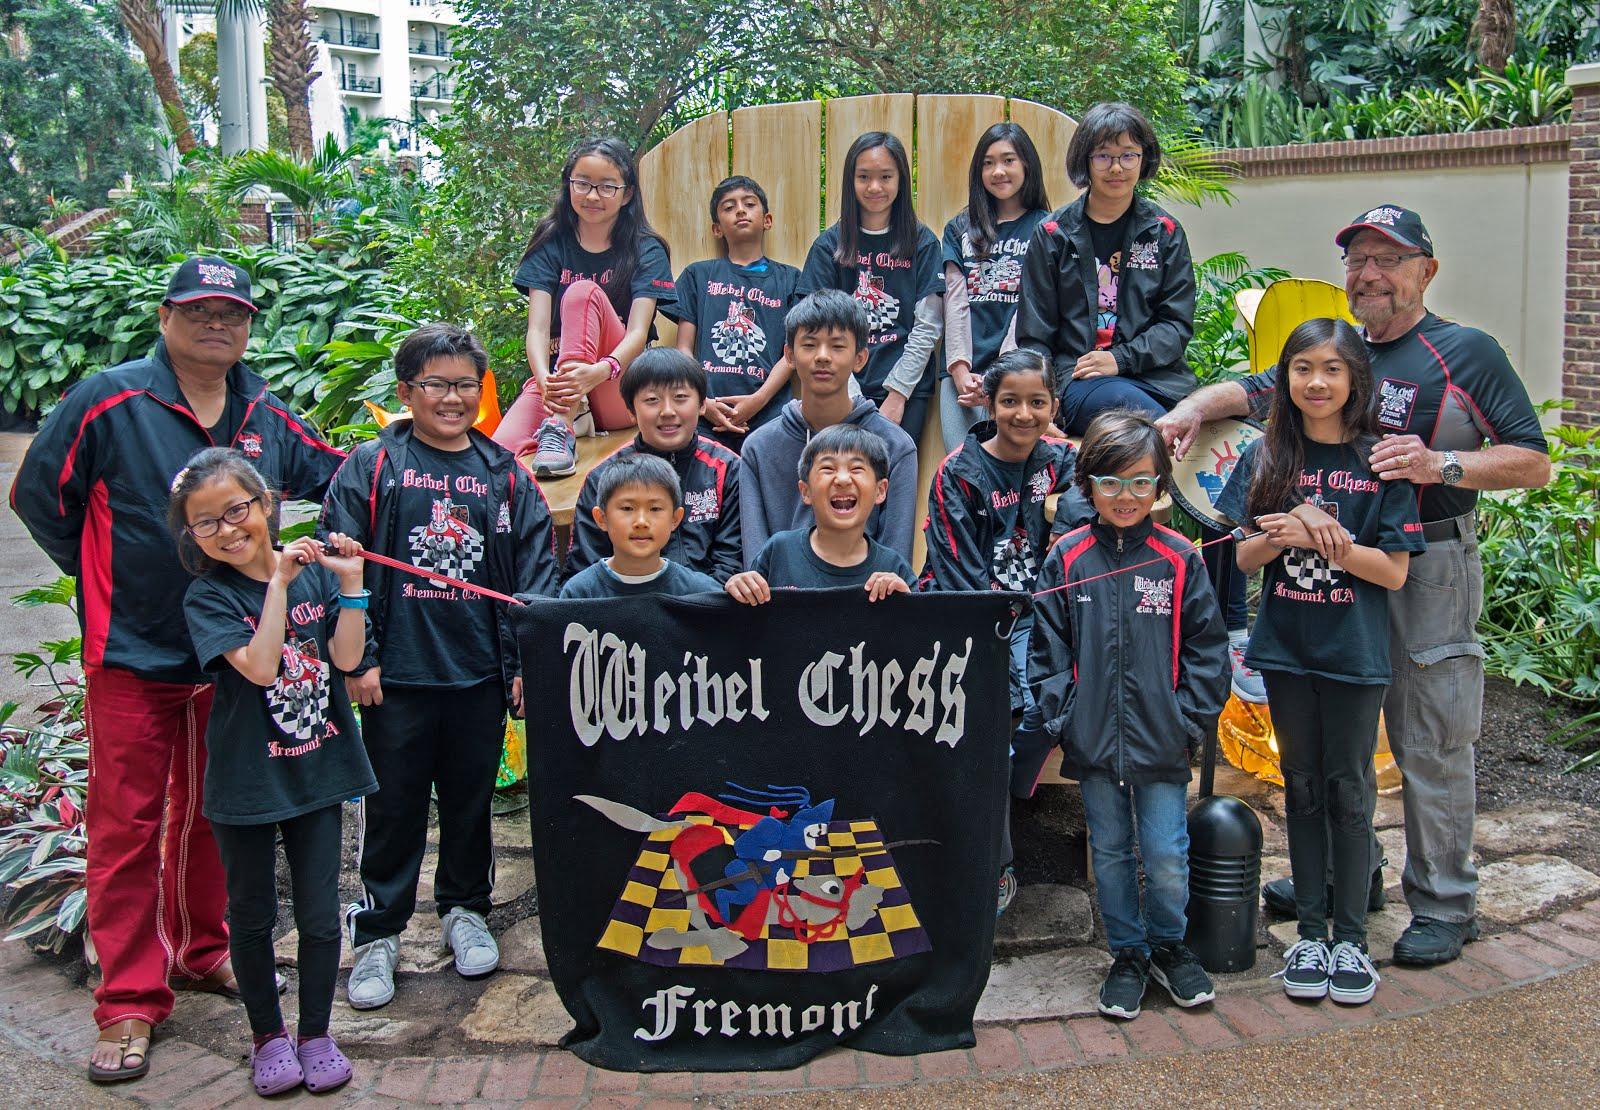 Weibel Chess